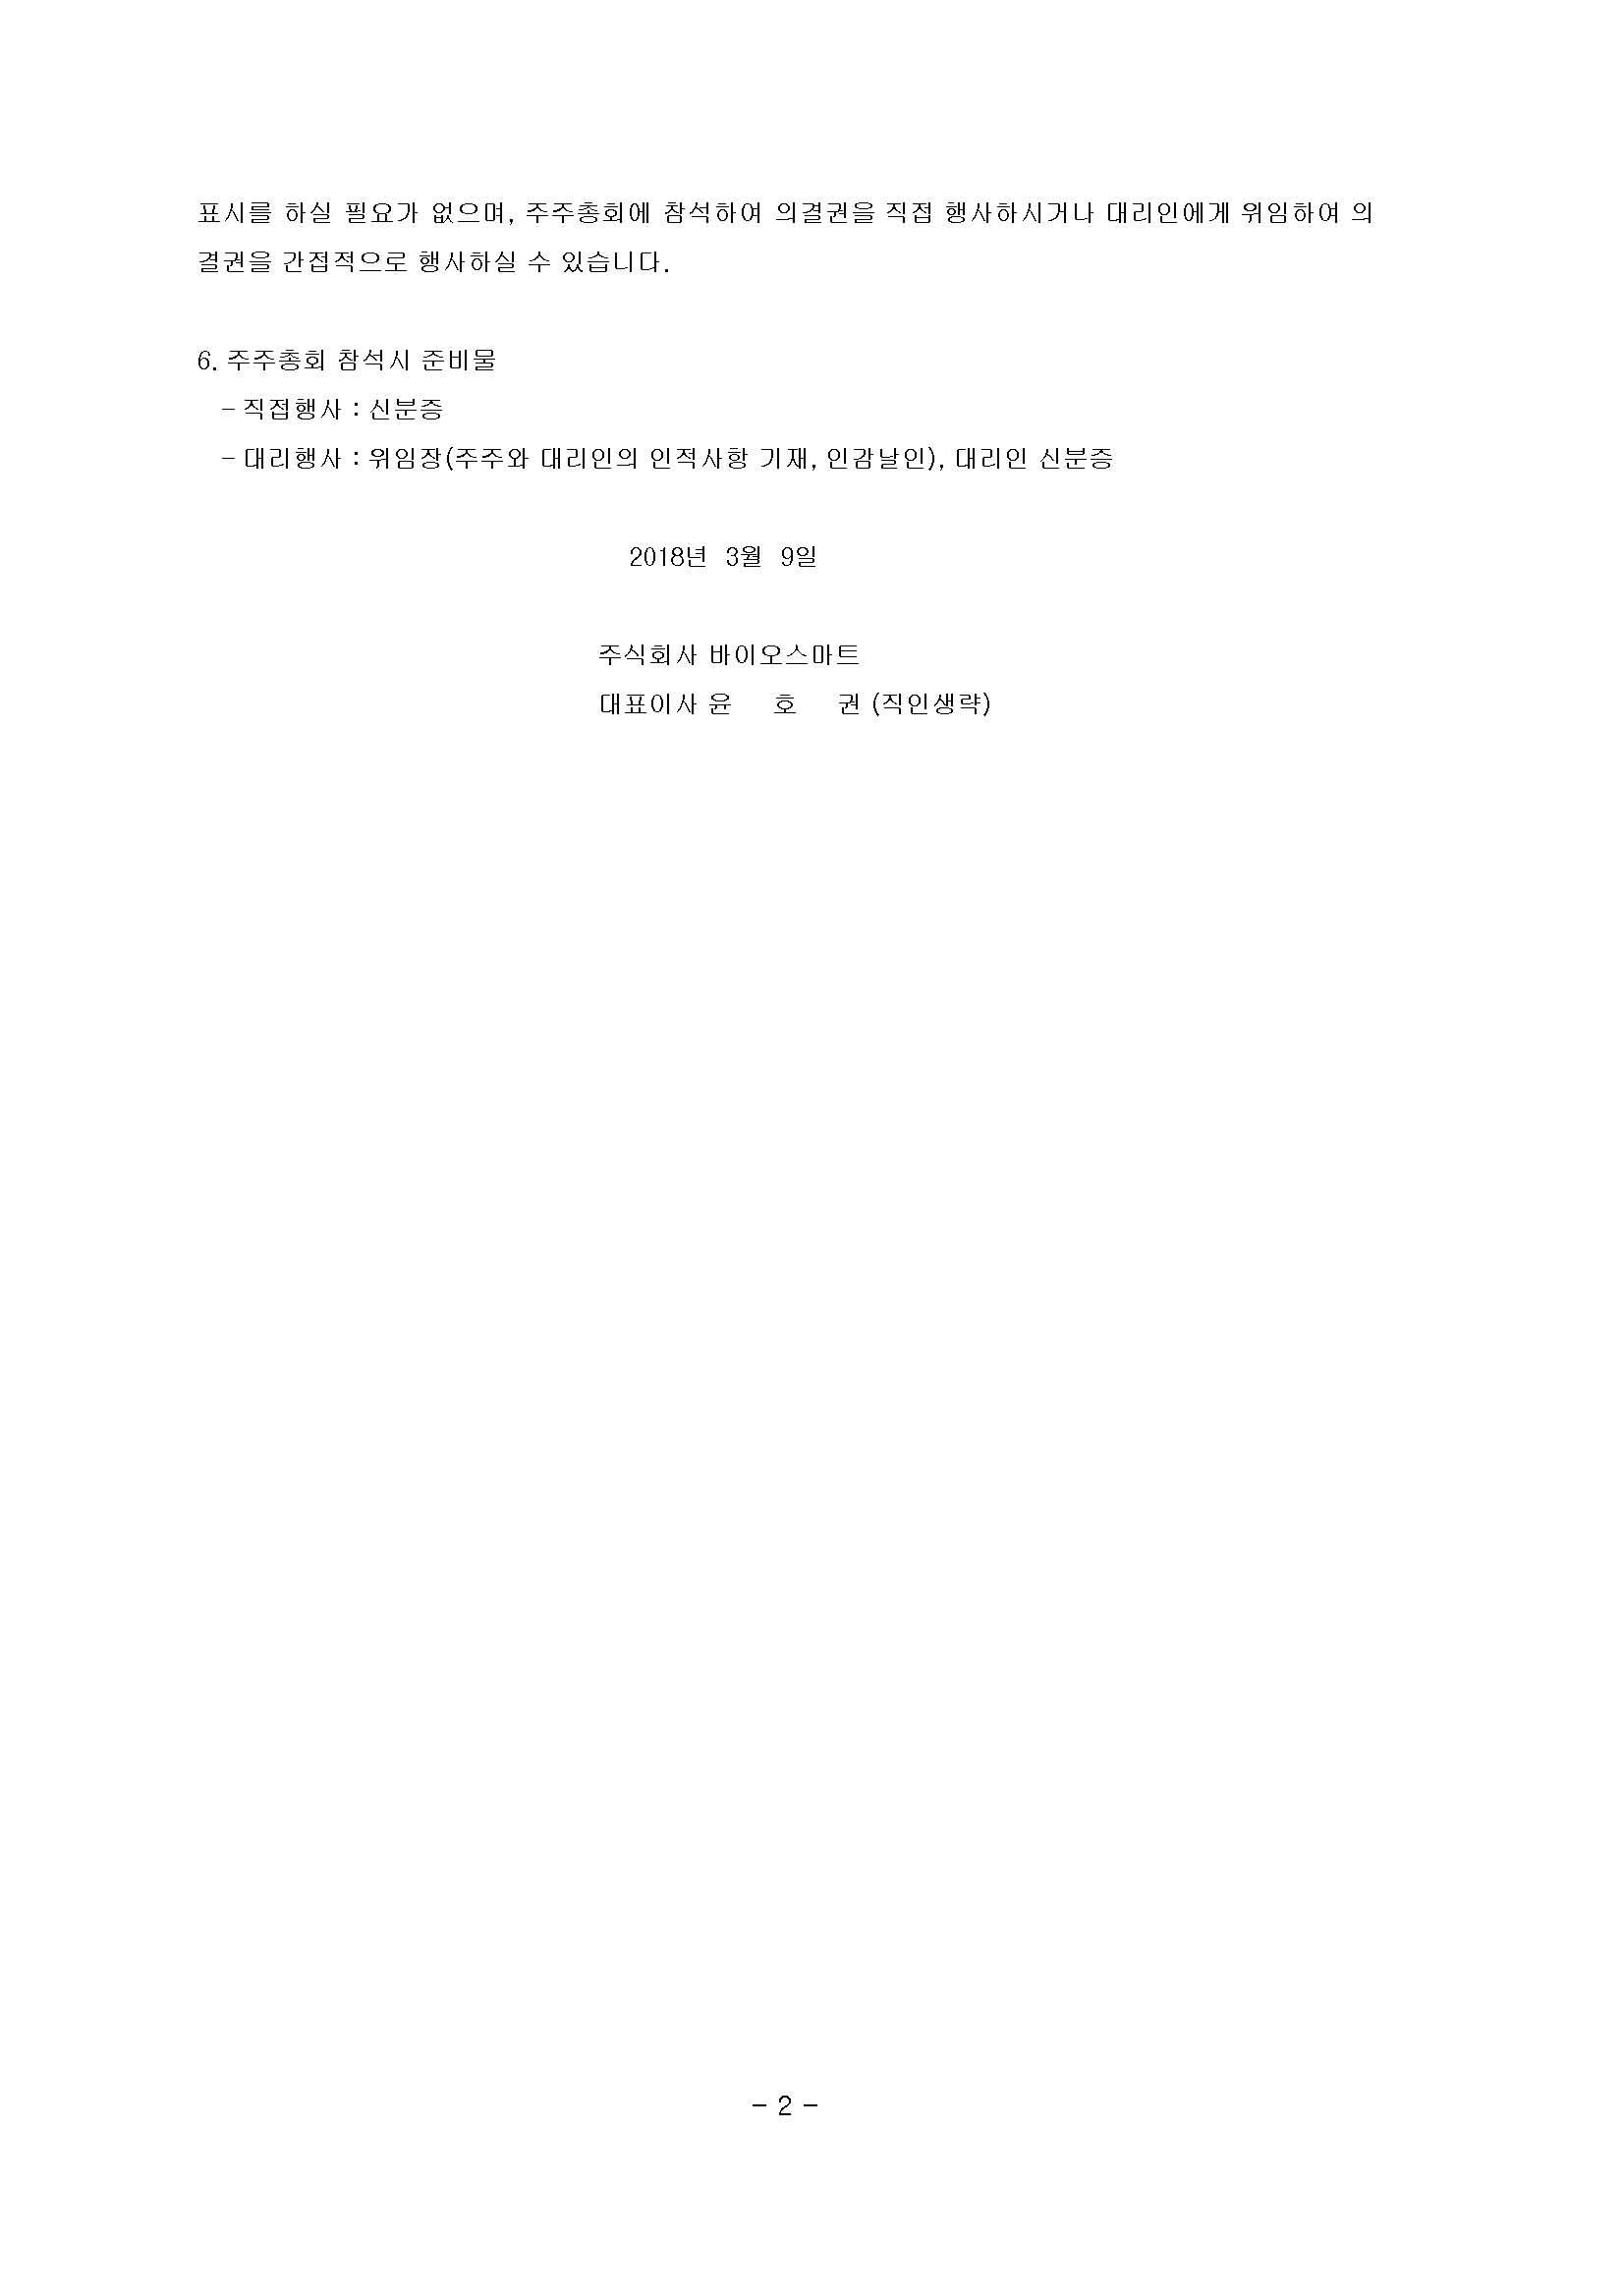 20180309 주주총회소집공고-바이오스마트_페이지_03.jpg